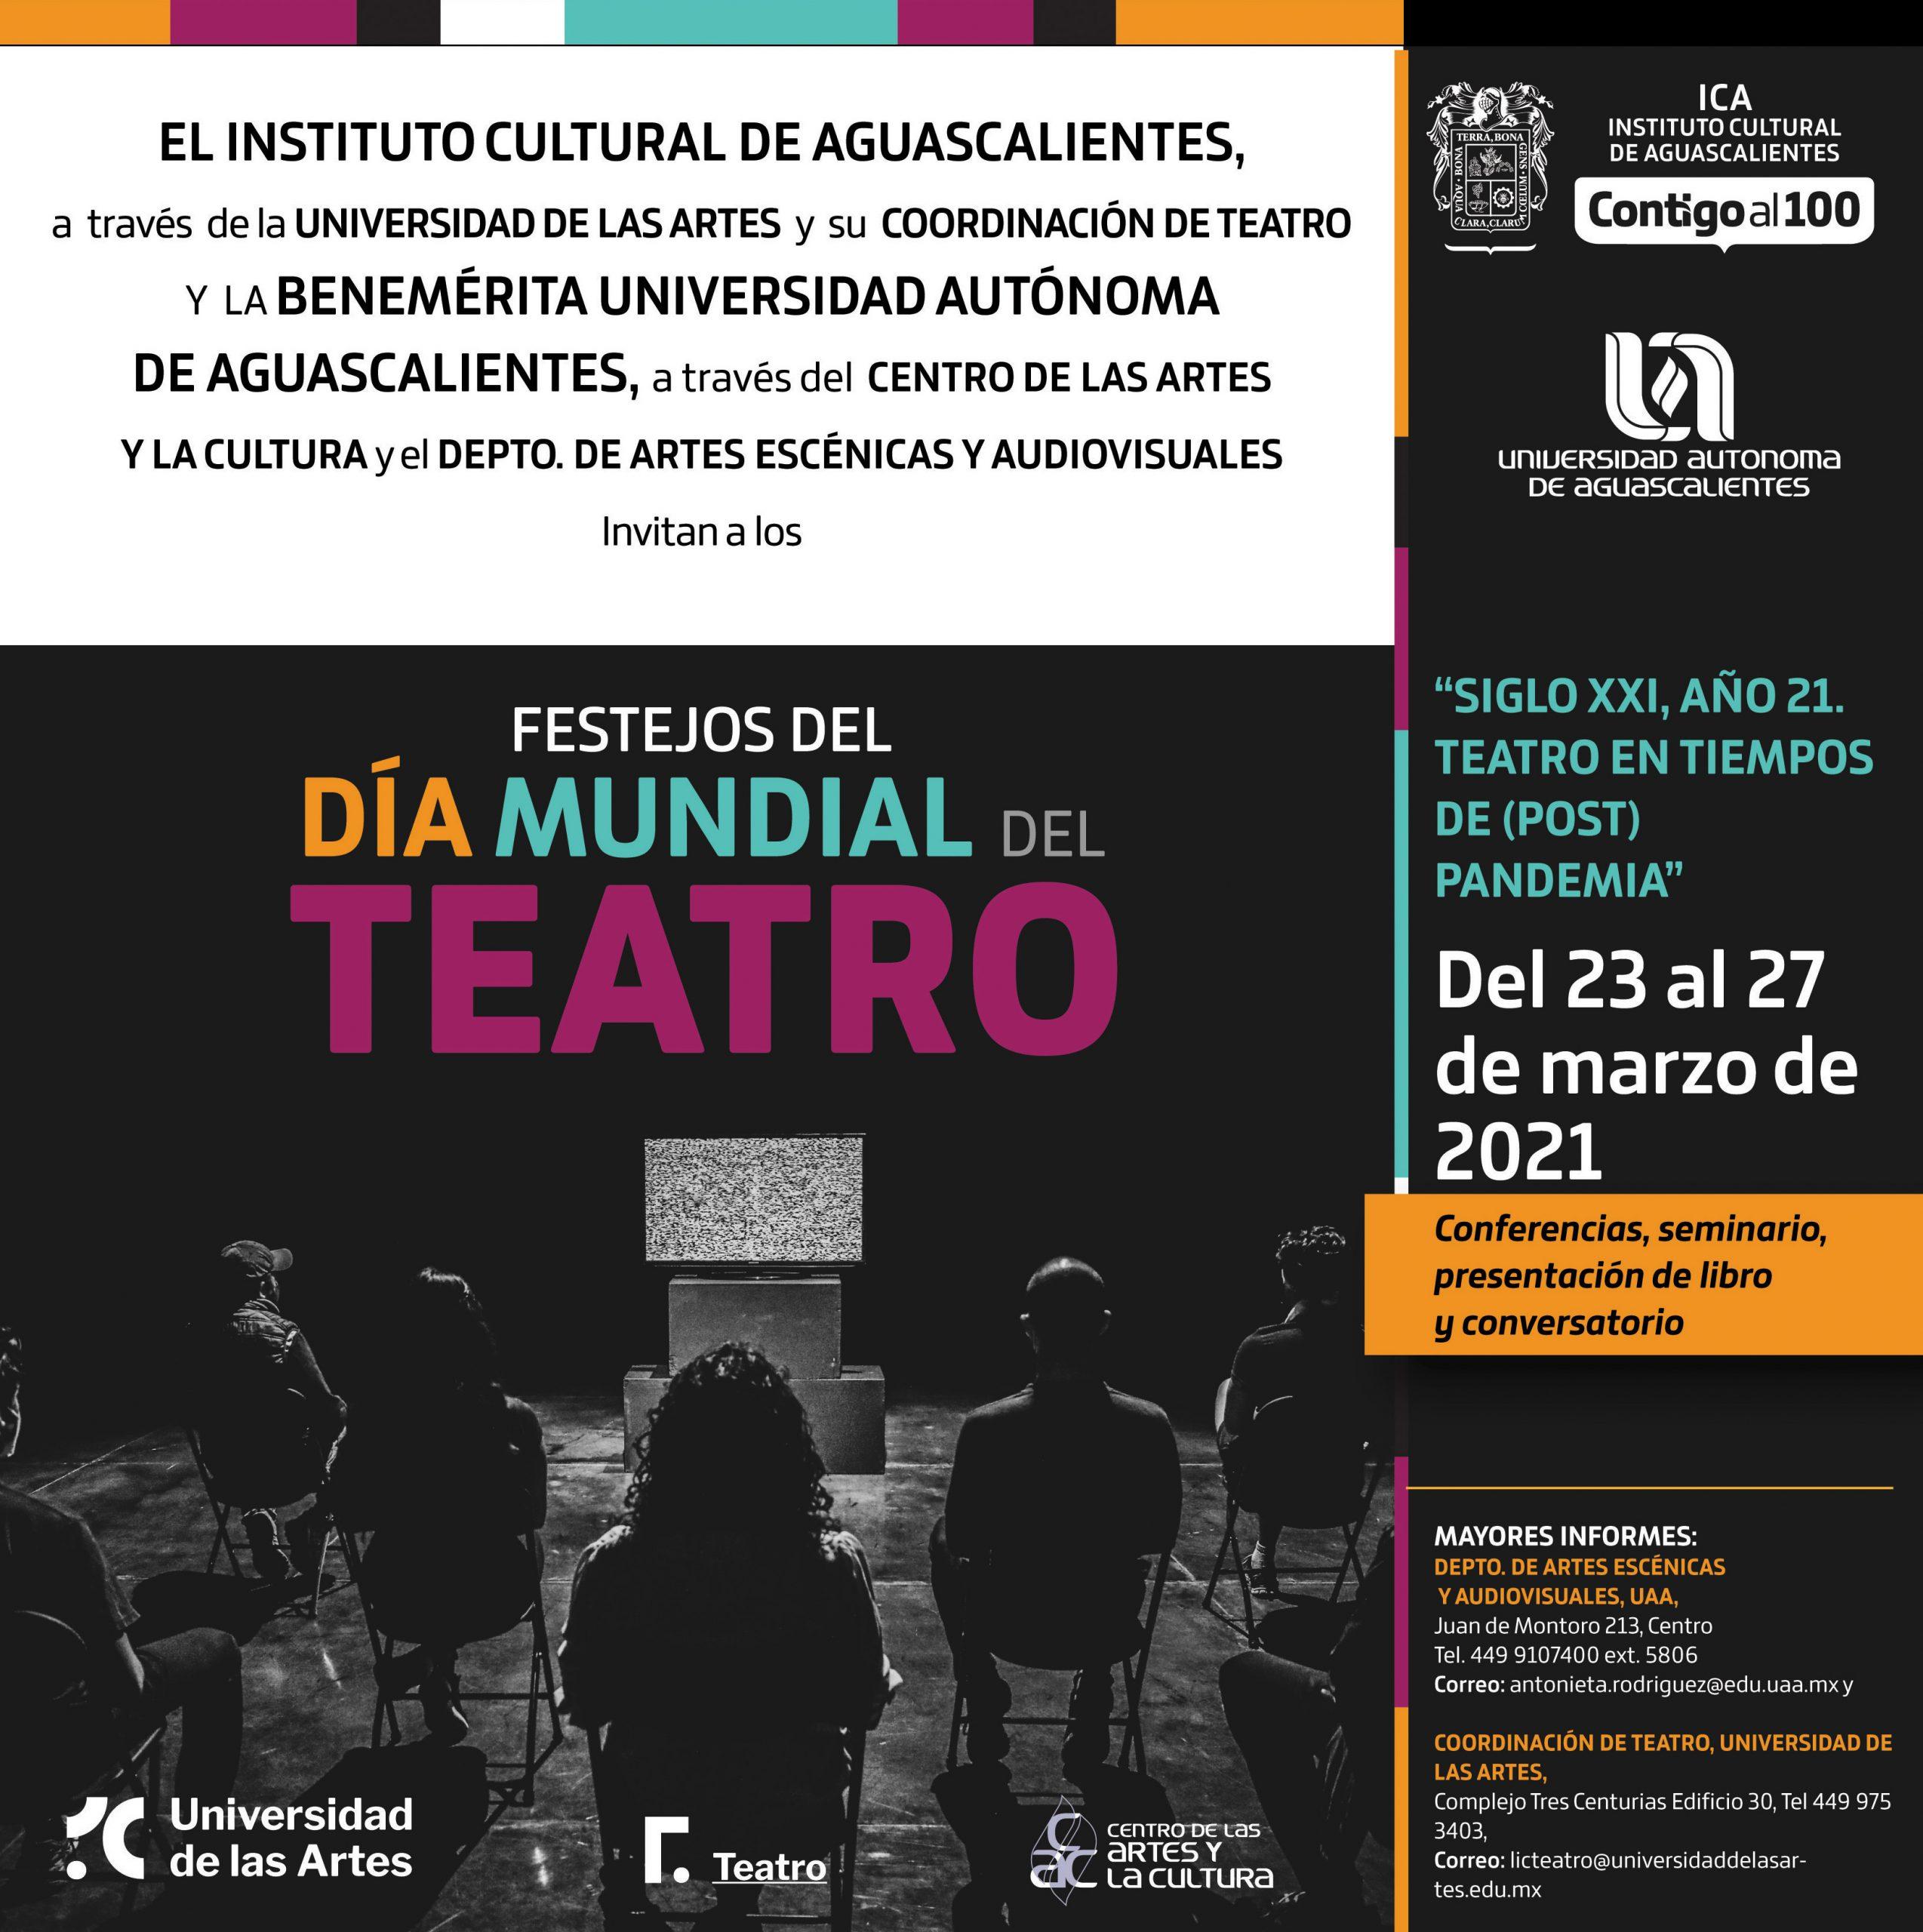 Festejos del Día Mundial del Teatro